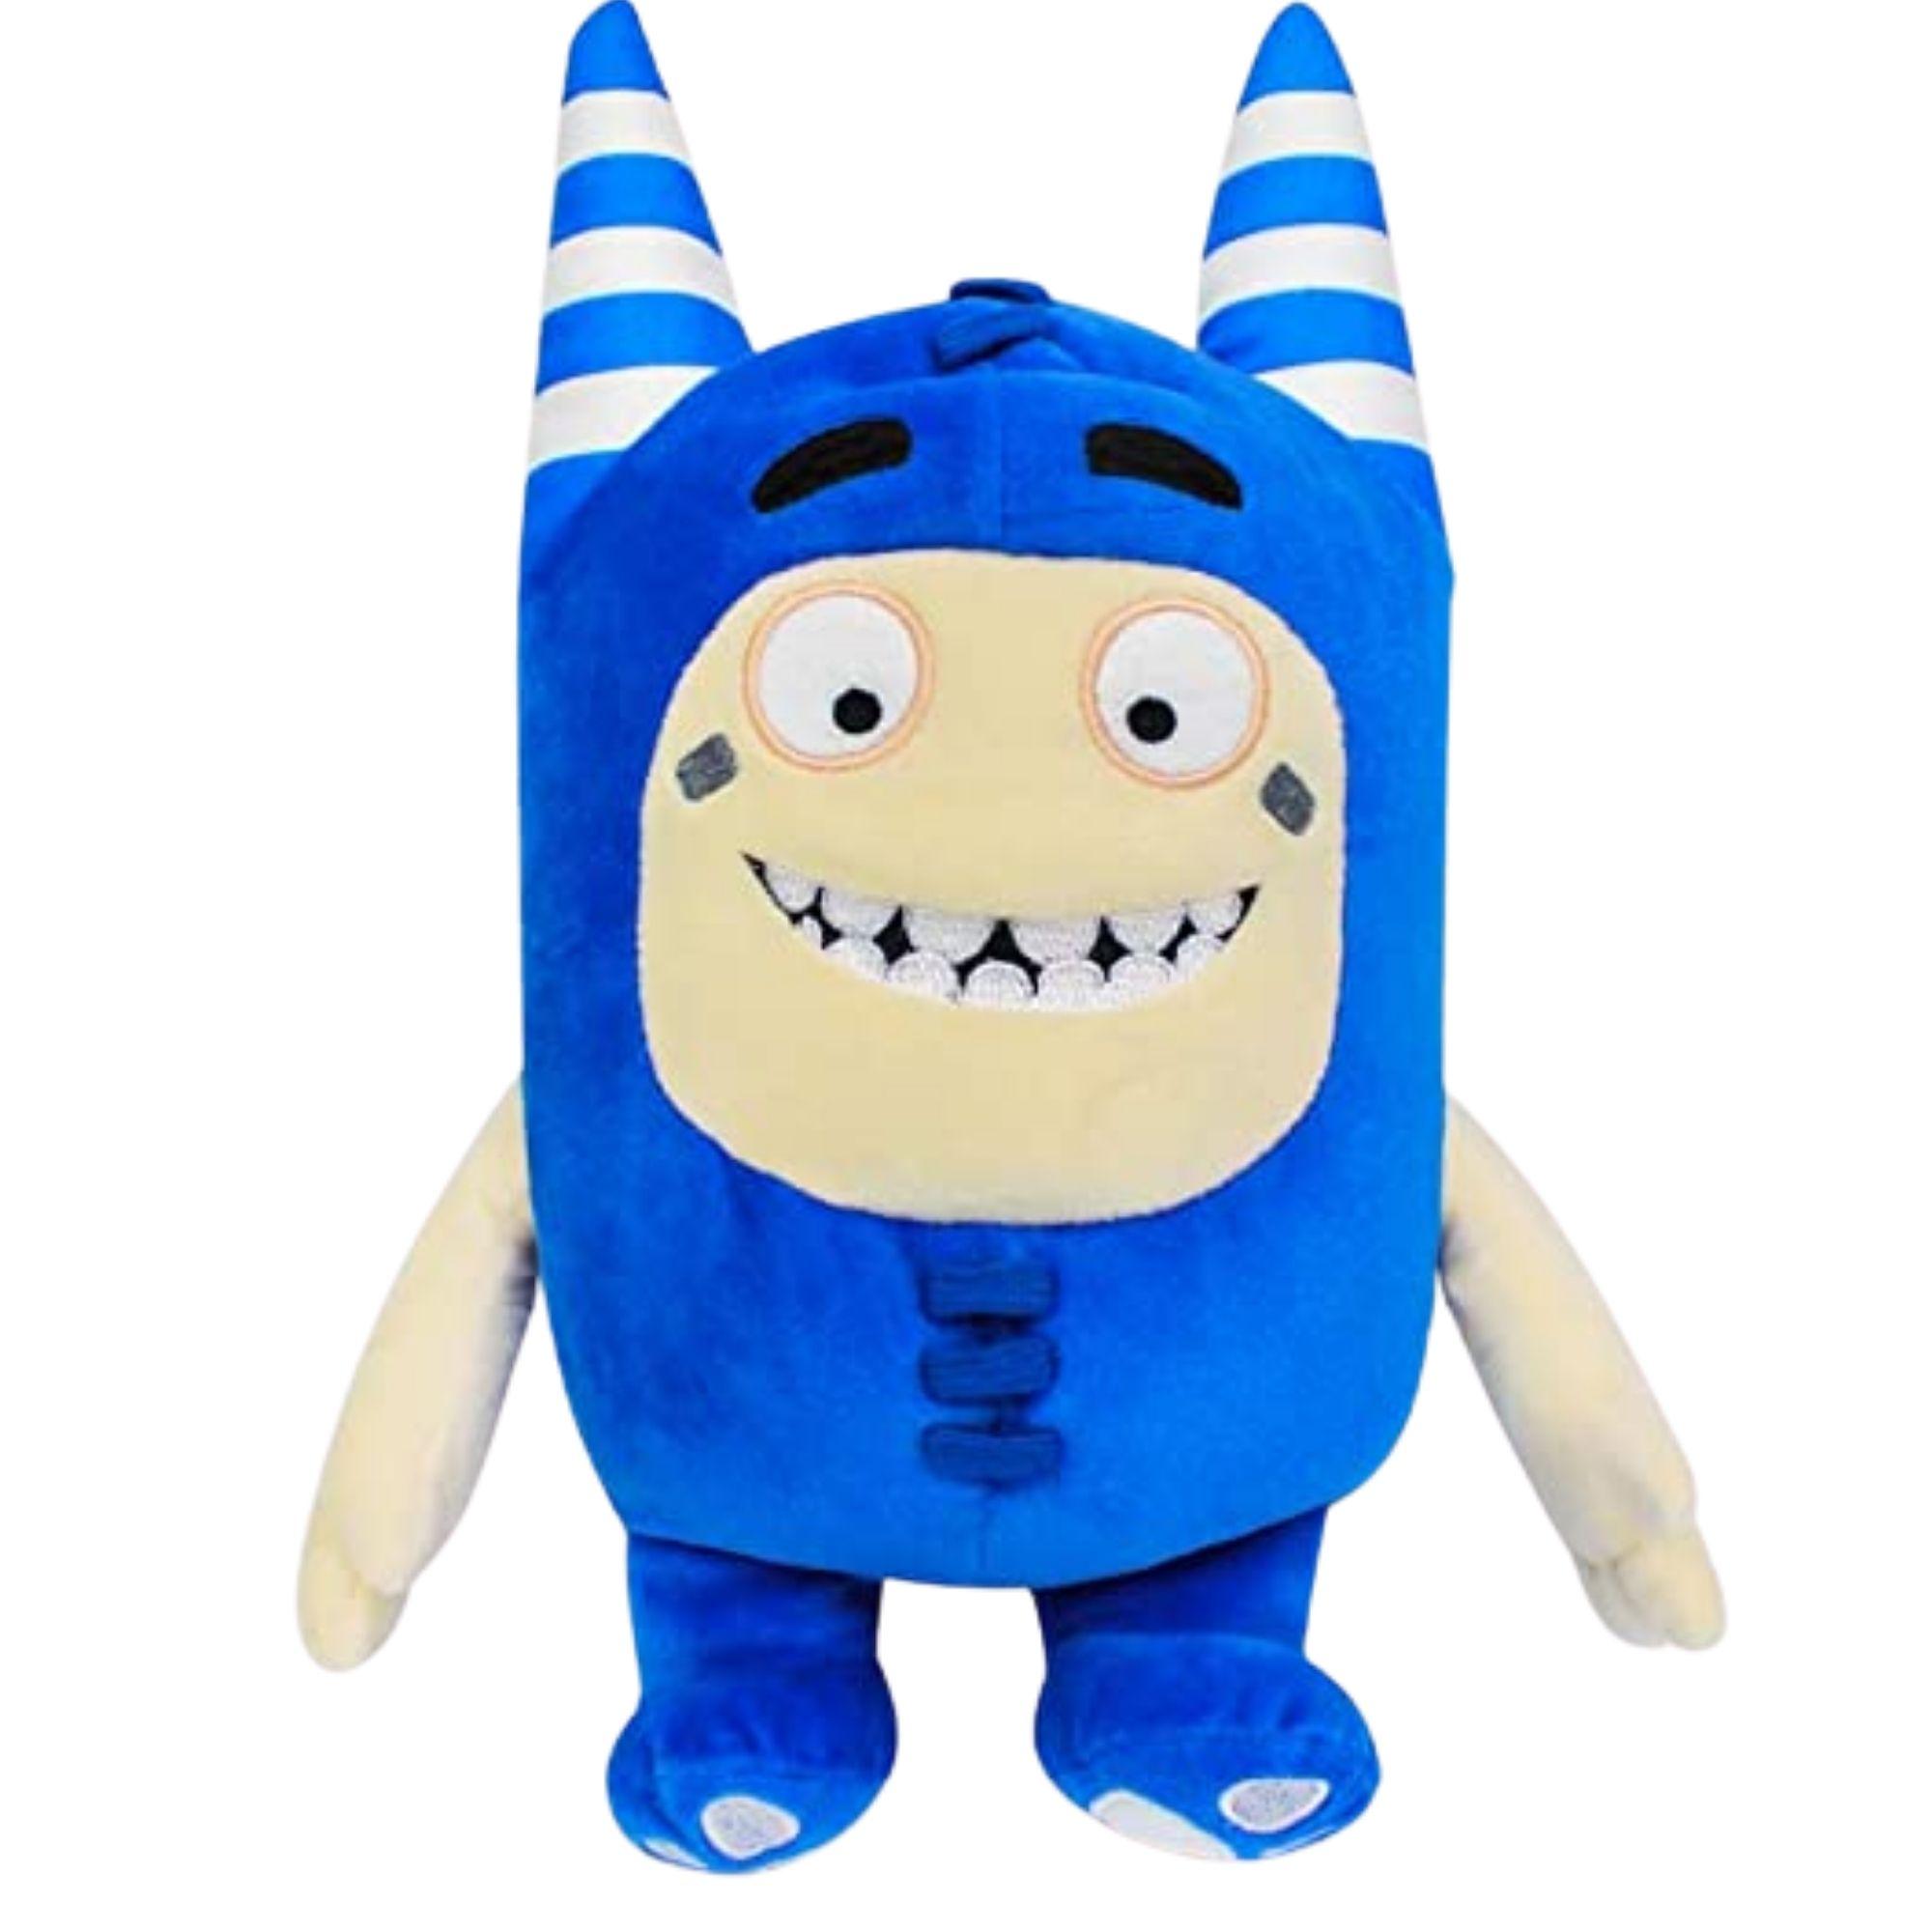 Kit com 2 Bonecos de Pelúcia Oddbods - 1 Azul e 1 Rosa  - Game Land Brinquedos